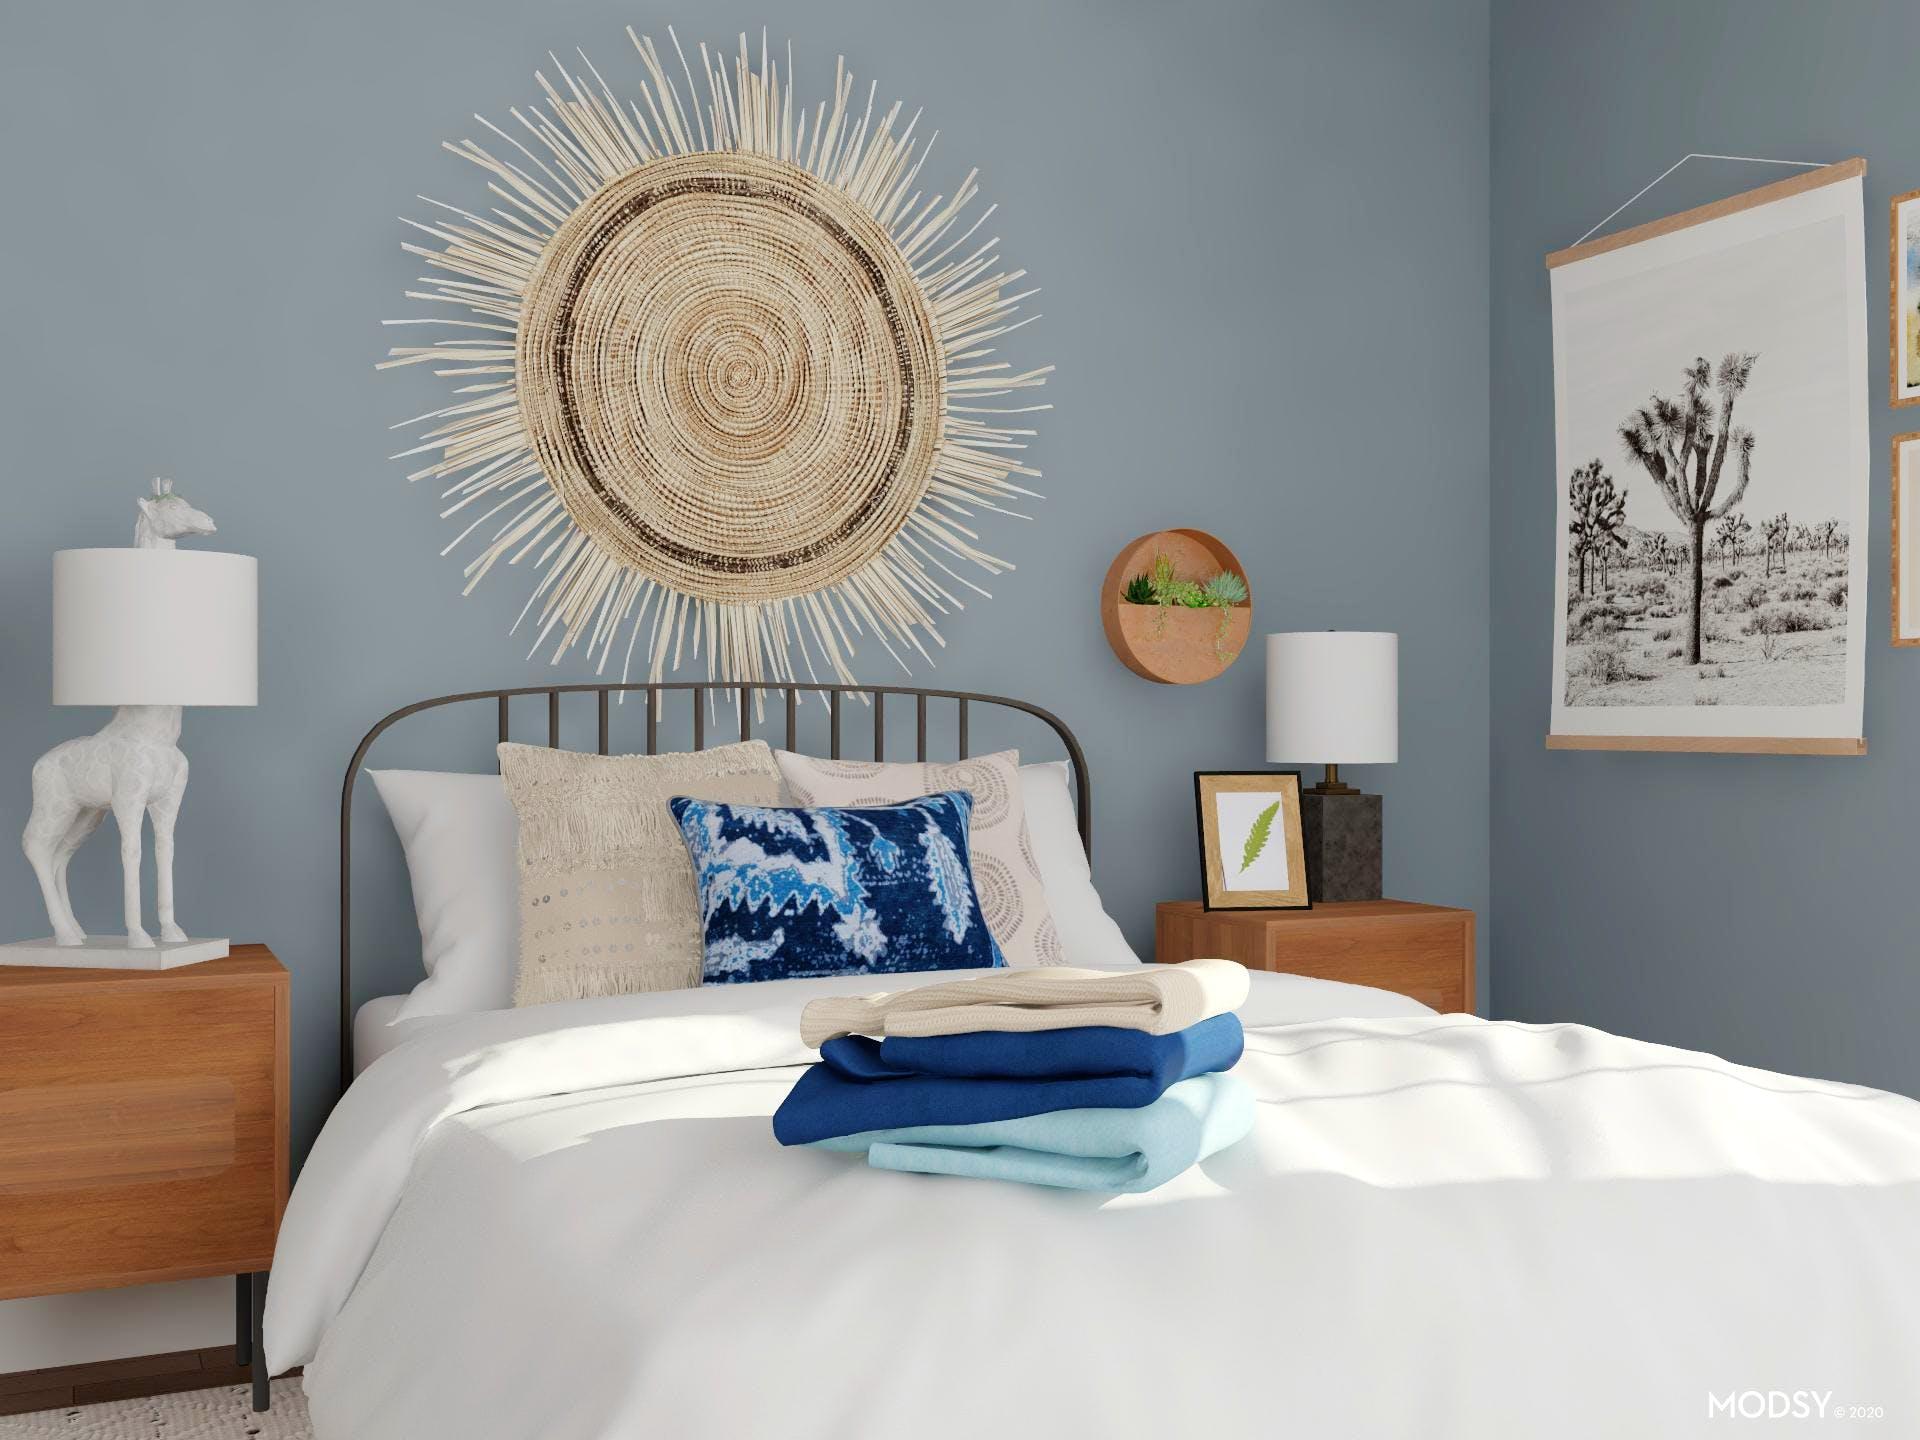 Điểm nhấn đầu giường với tác phẩm nghệ thuật hình mặt trời được làm từ cói giúp hút mắt người nhìn